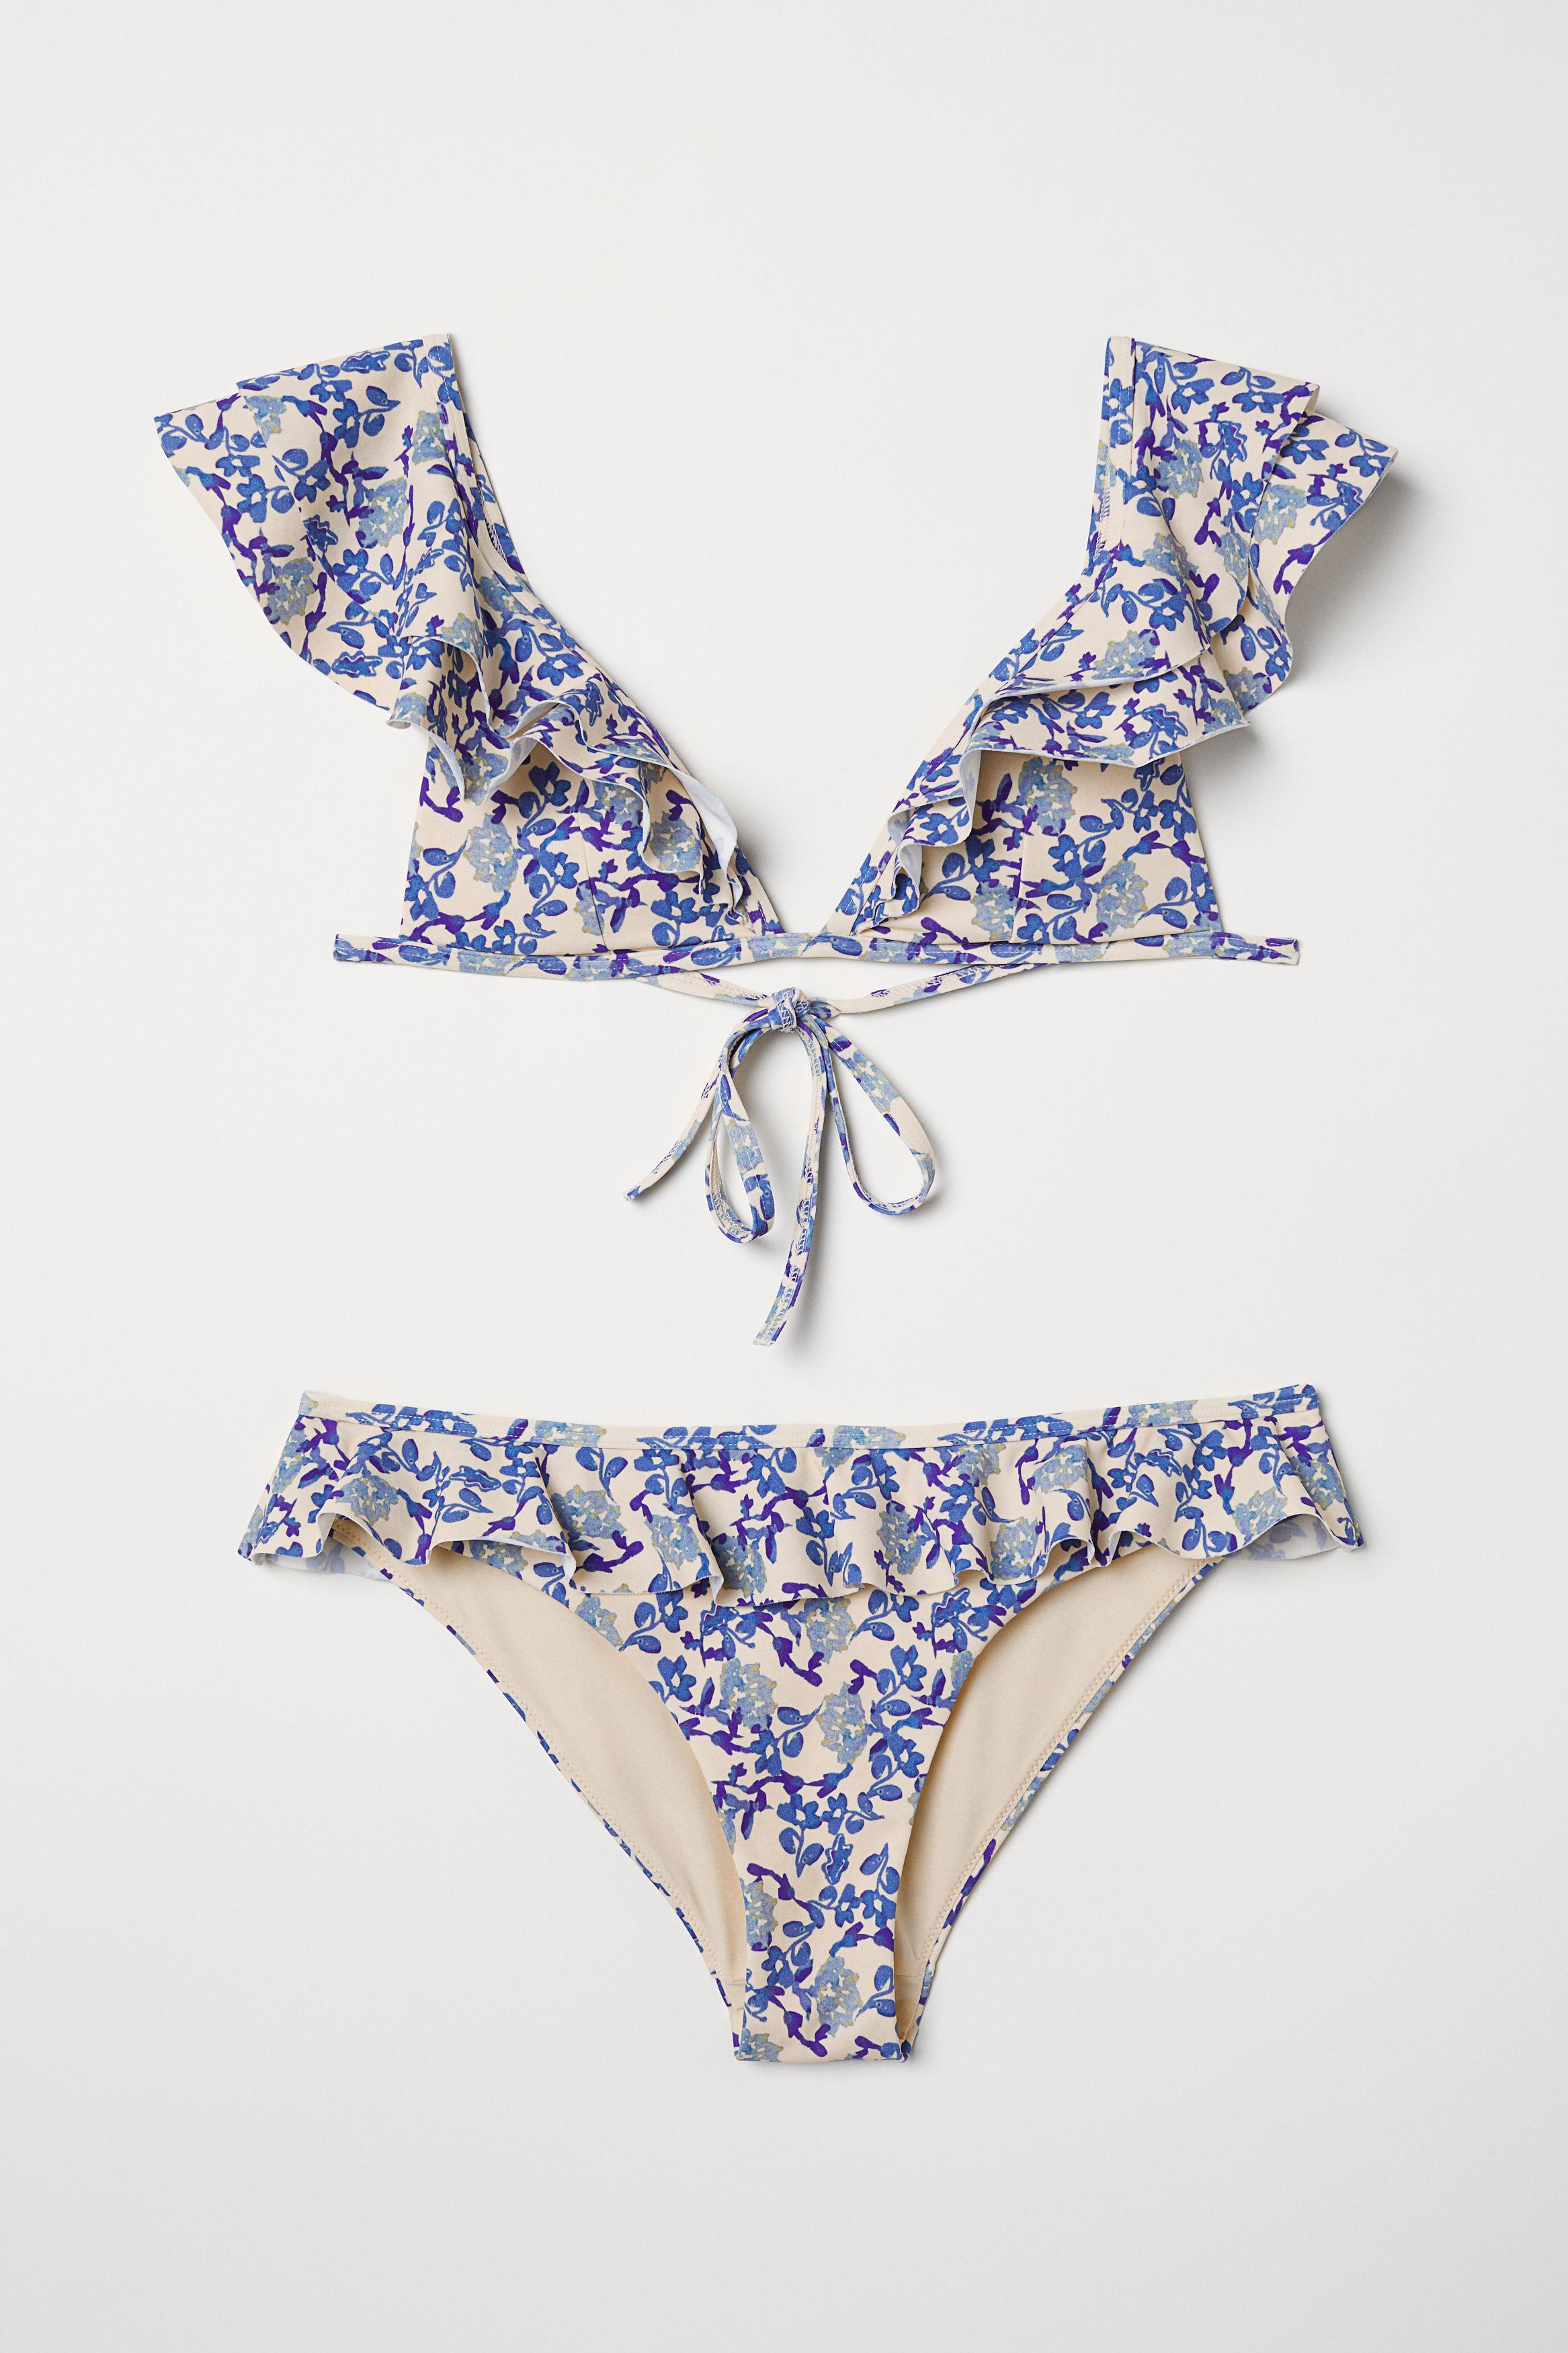 Wilde Bikini White - #N/A